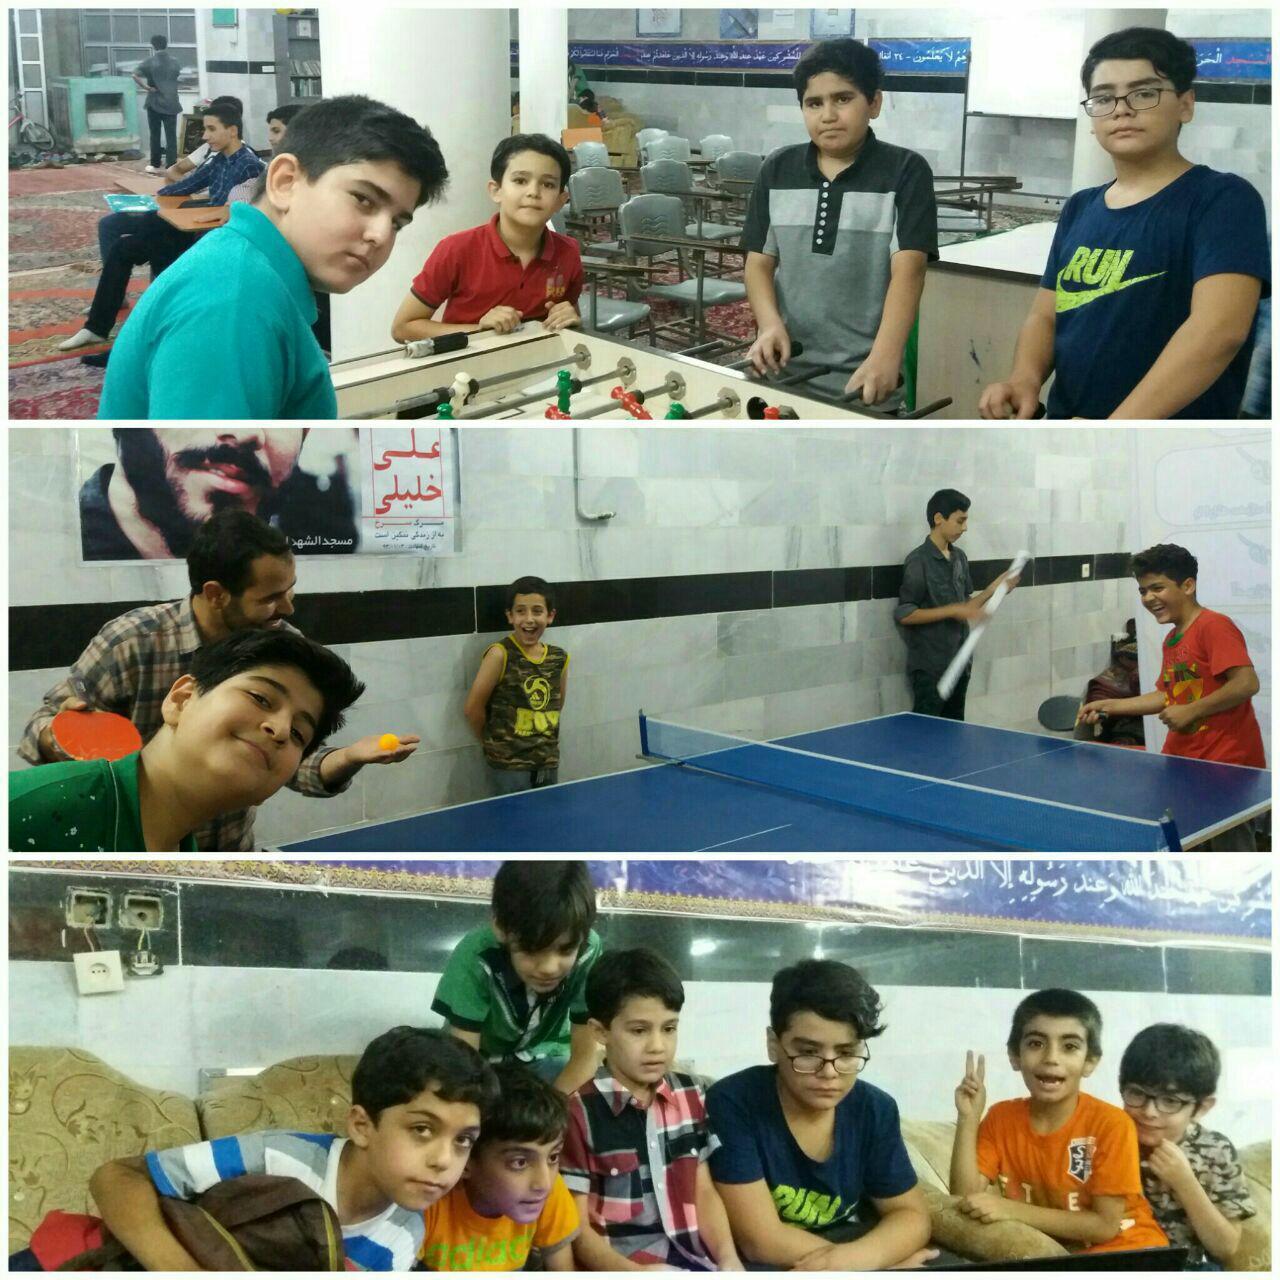 دغدغه ای از نوع تعطیلی و فراغت تابستانی/المپیاد فرهنگی ورزشی در روستاهای البرزبرای اولین بار راه اندازی می شود